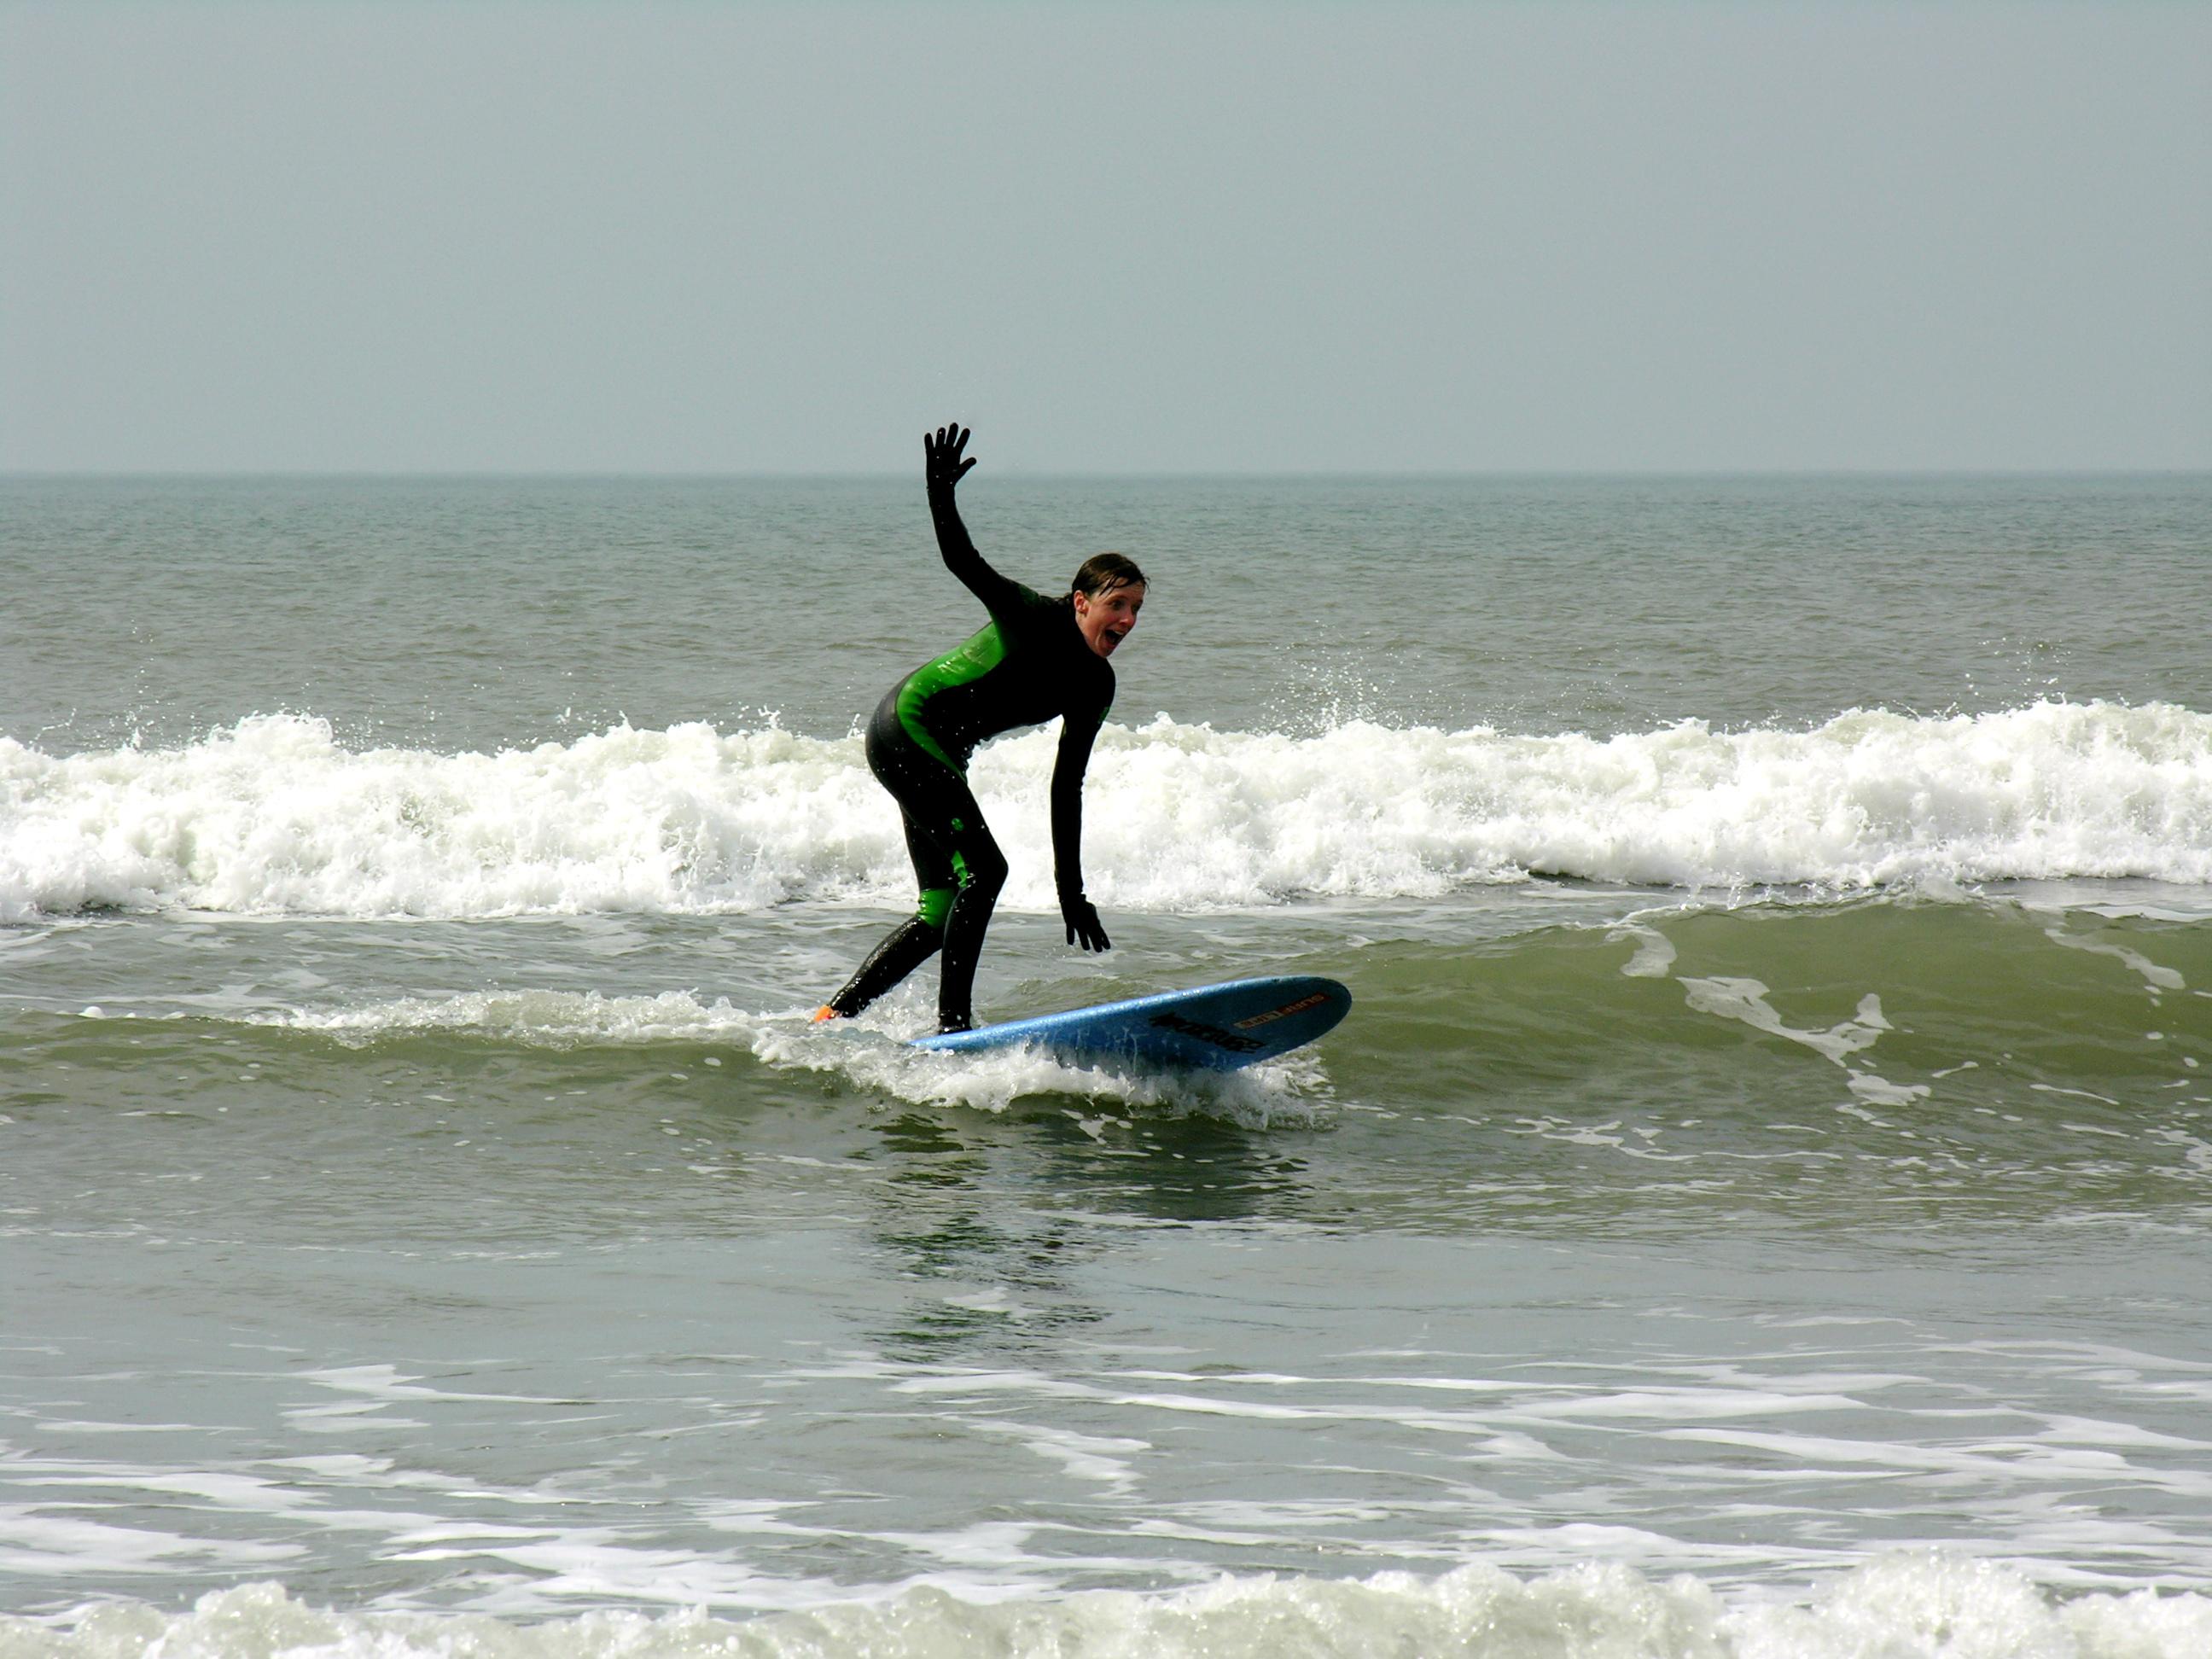 Школа серфинга на Шри-Ланке - предложения для новичков и не только